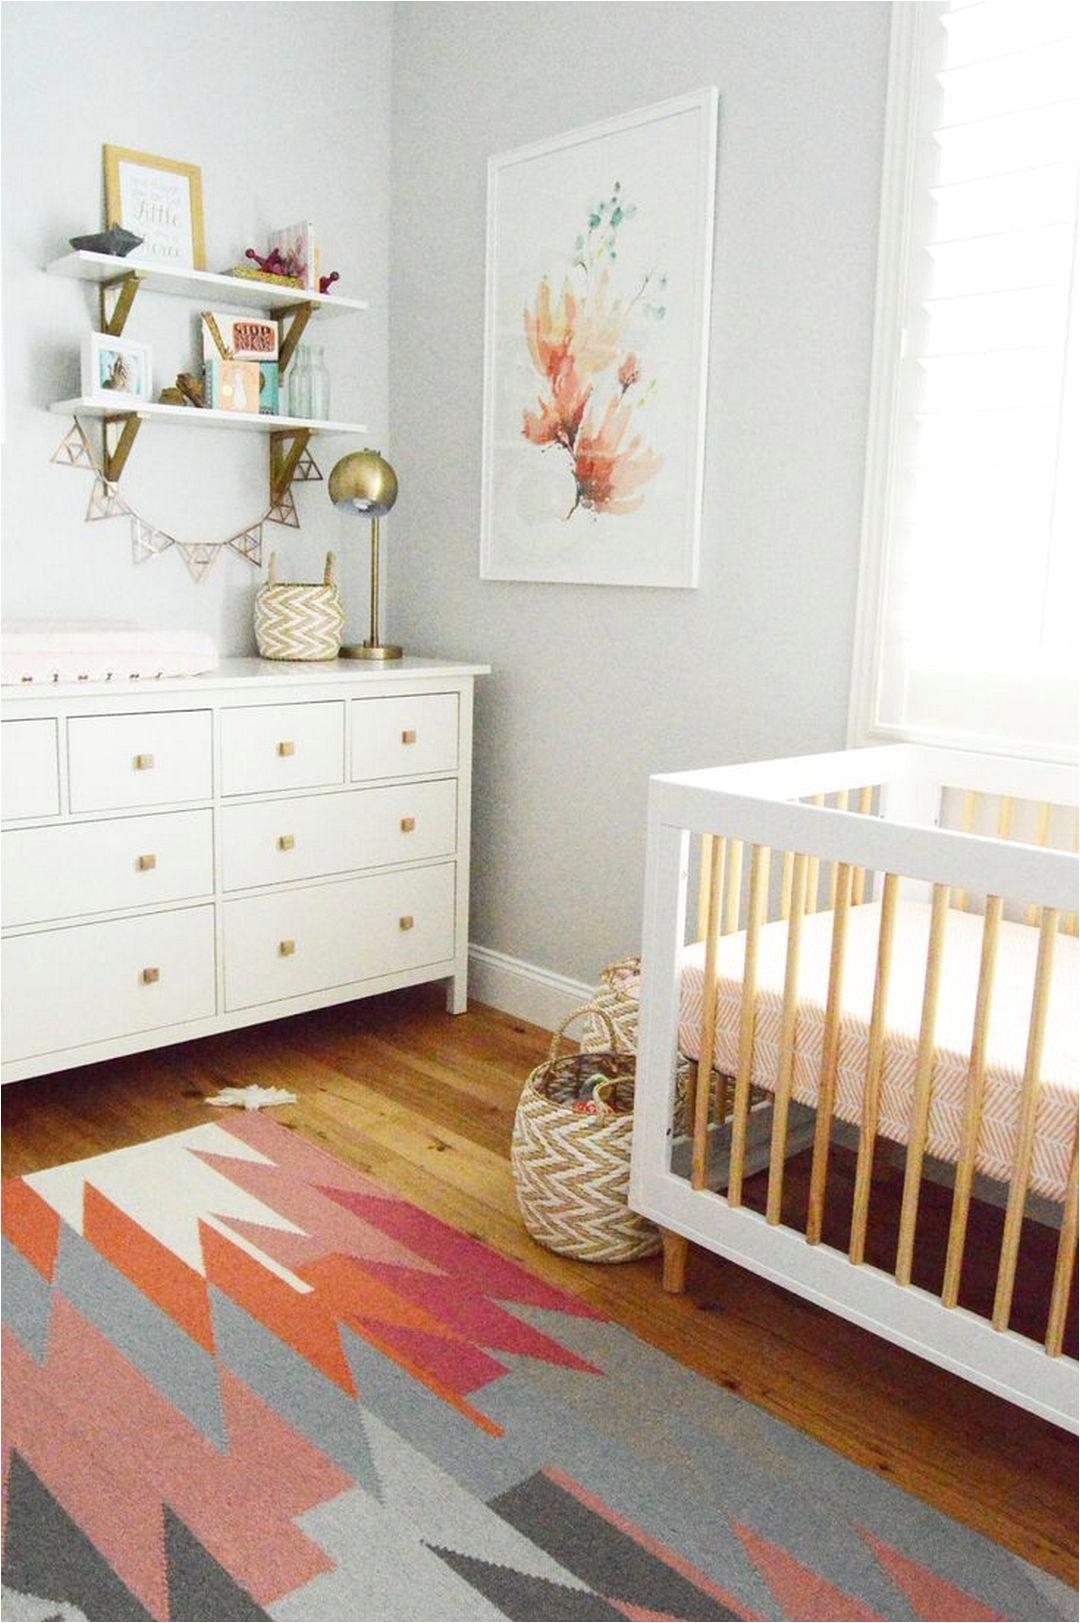 best baby nursery room decor ideas 62 adorable photos